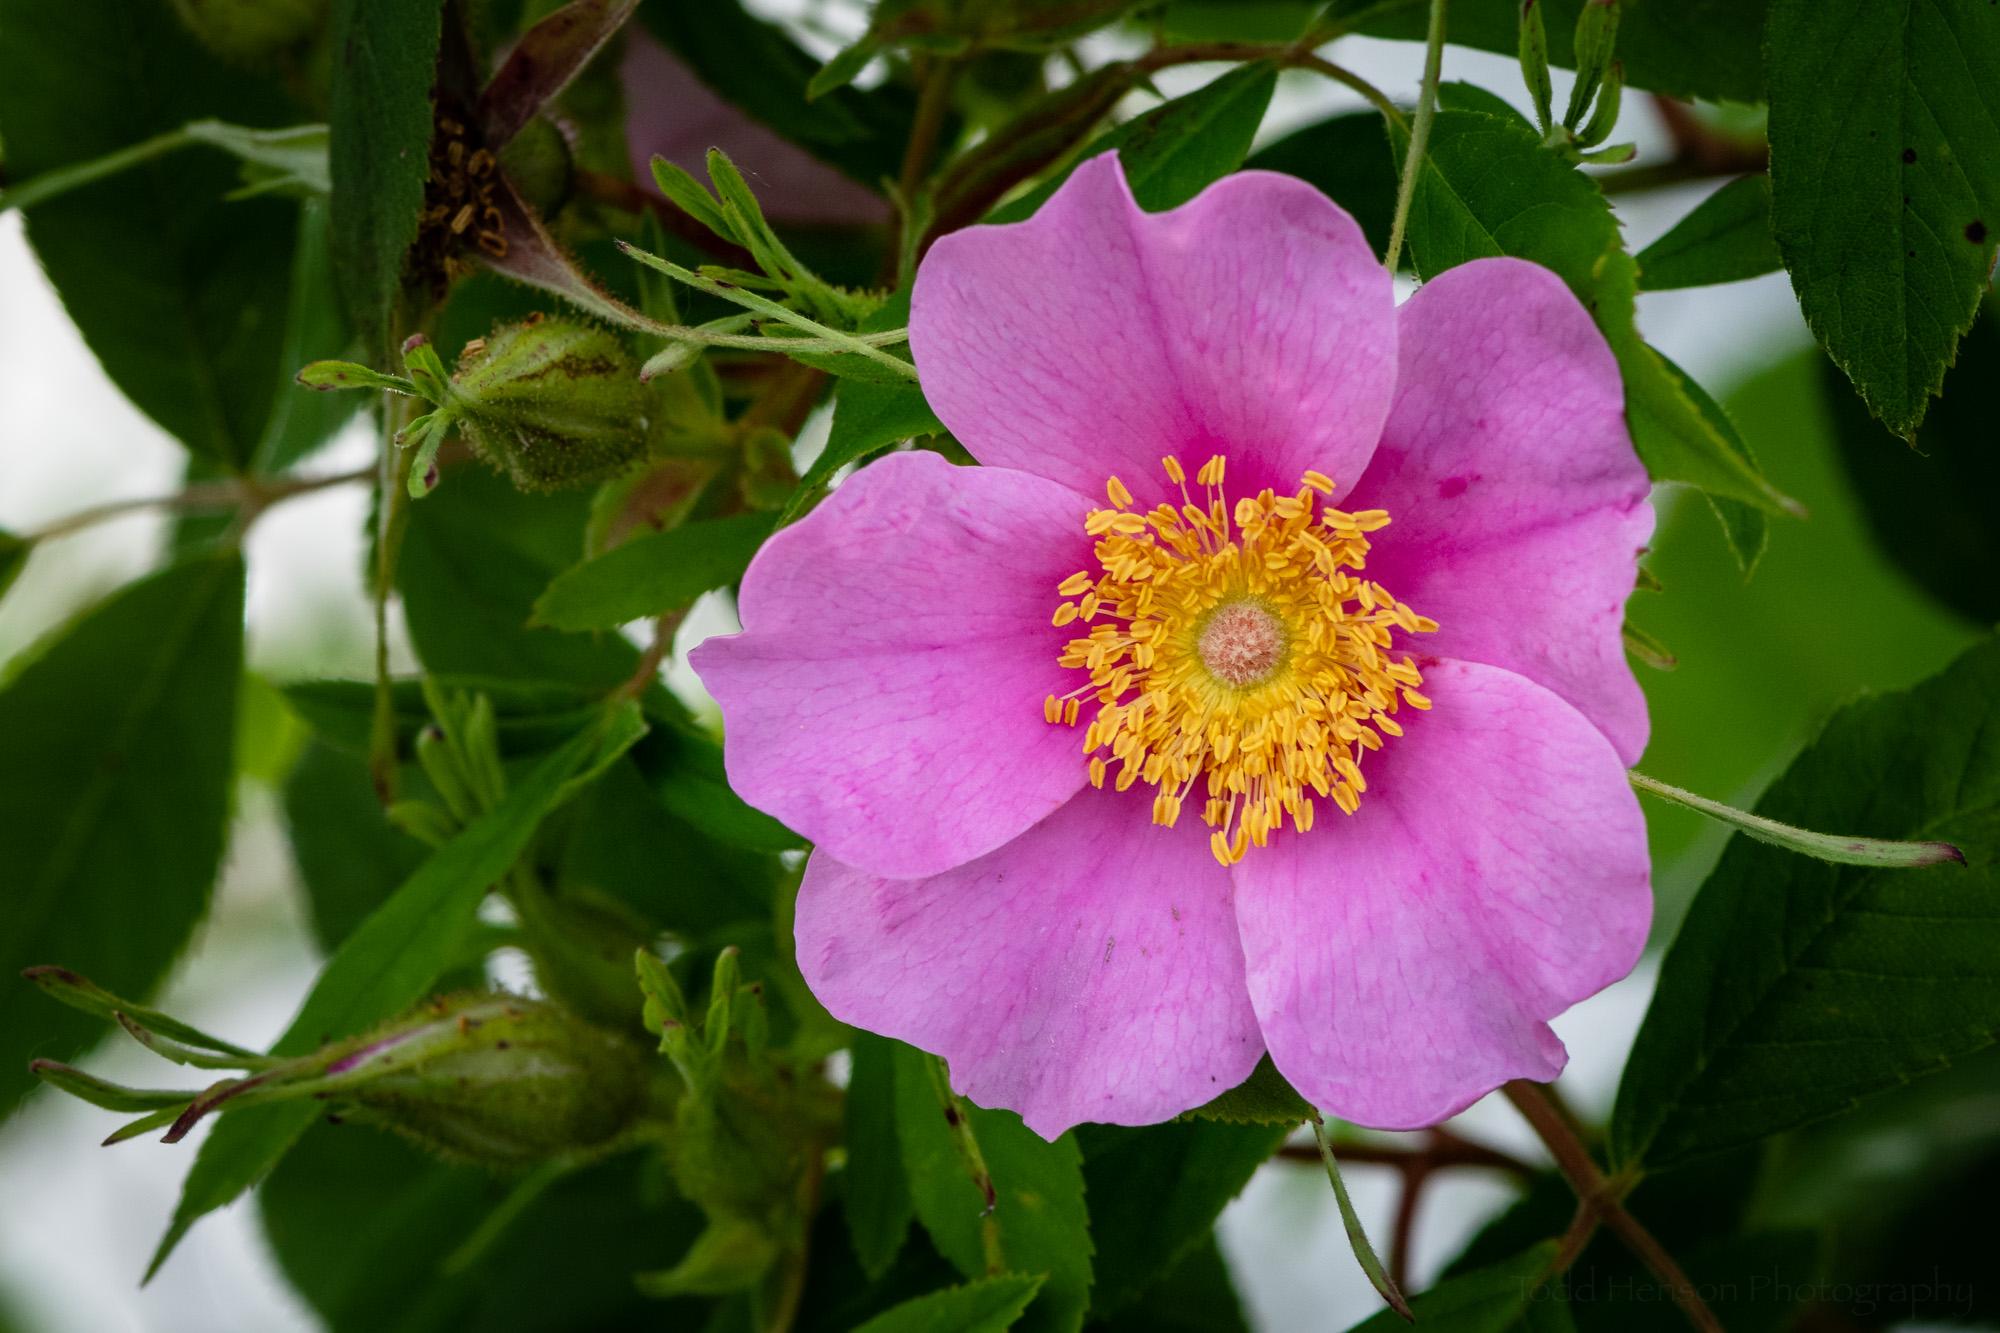 A pink Virginia Rose